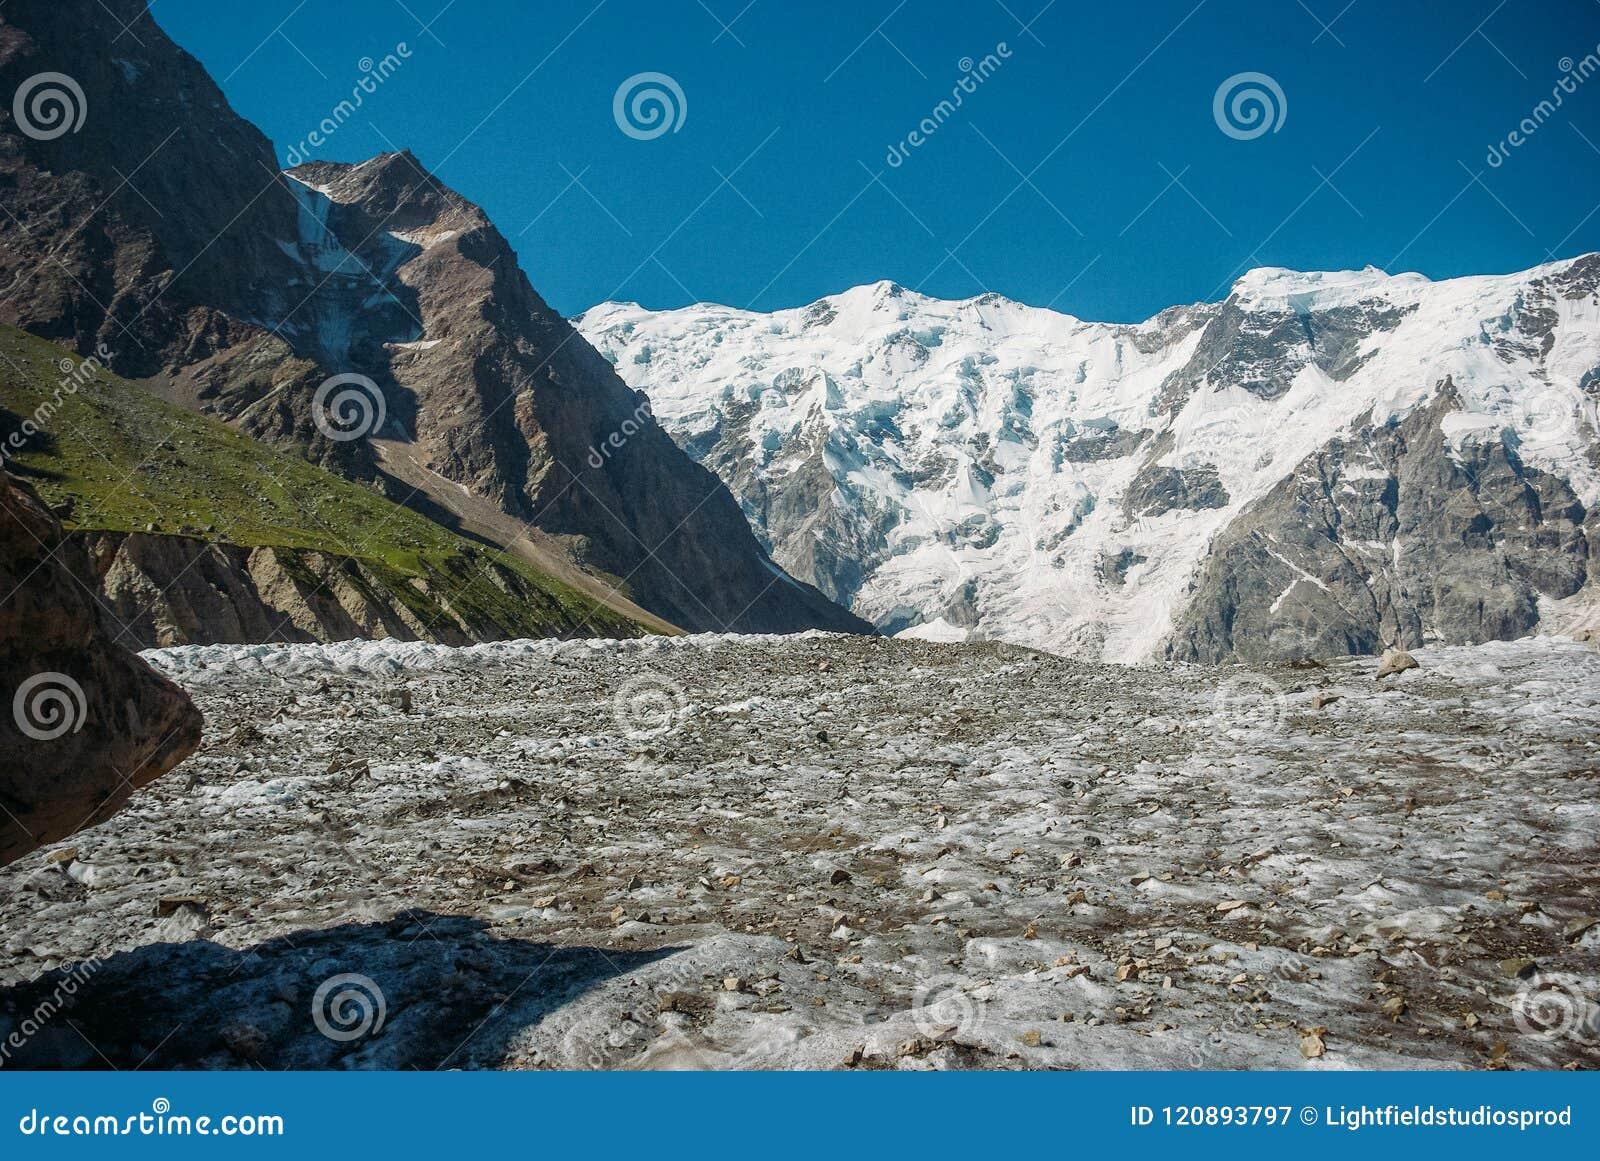 Piękne śnieżne góry, federacja rosyjska, Kaukaz,